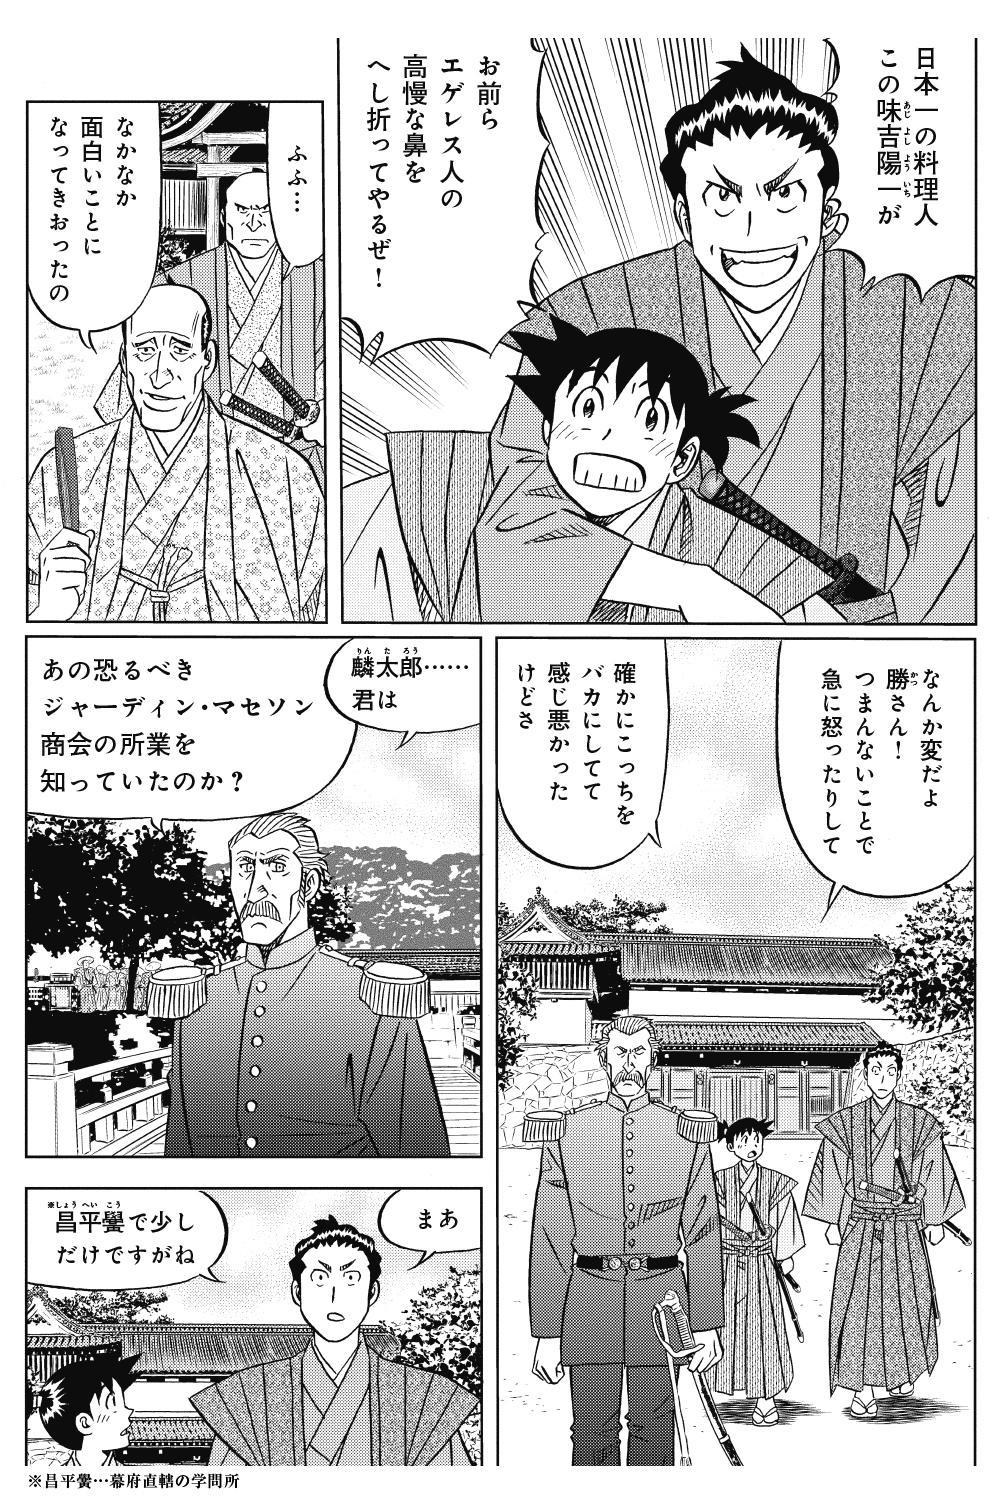 ミスター味っ子 幕末編 第2話「列強襲来」①ajikko2-1-18.jpg